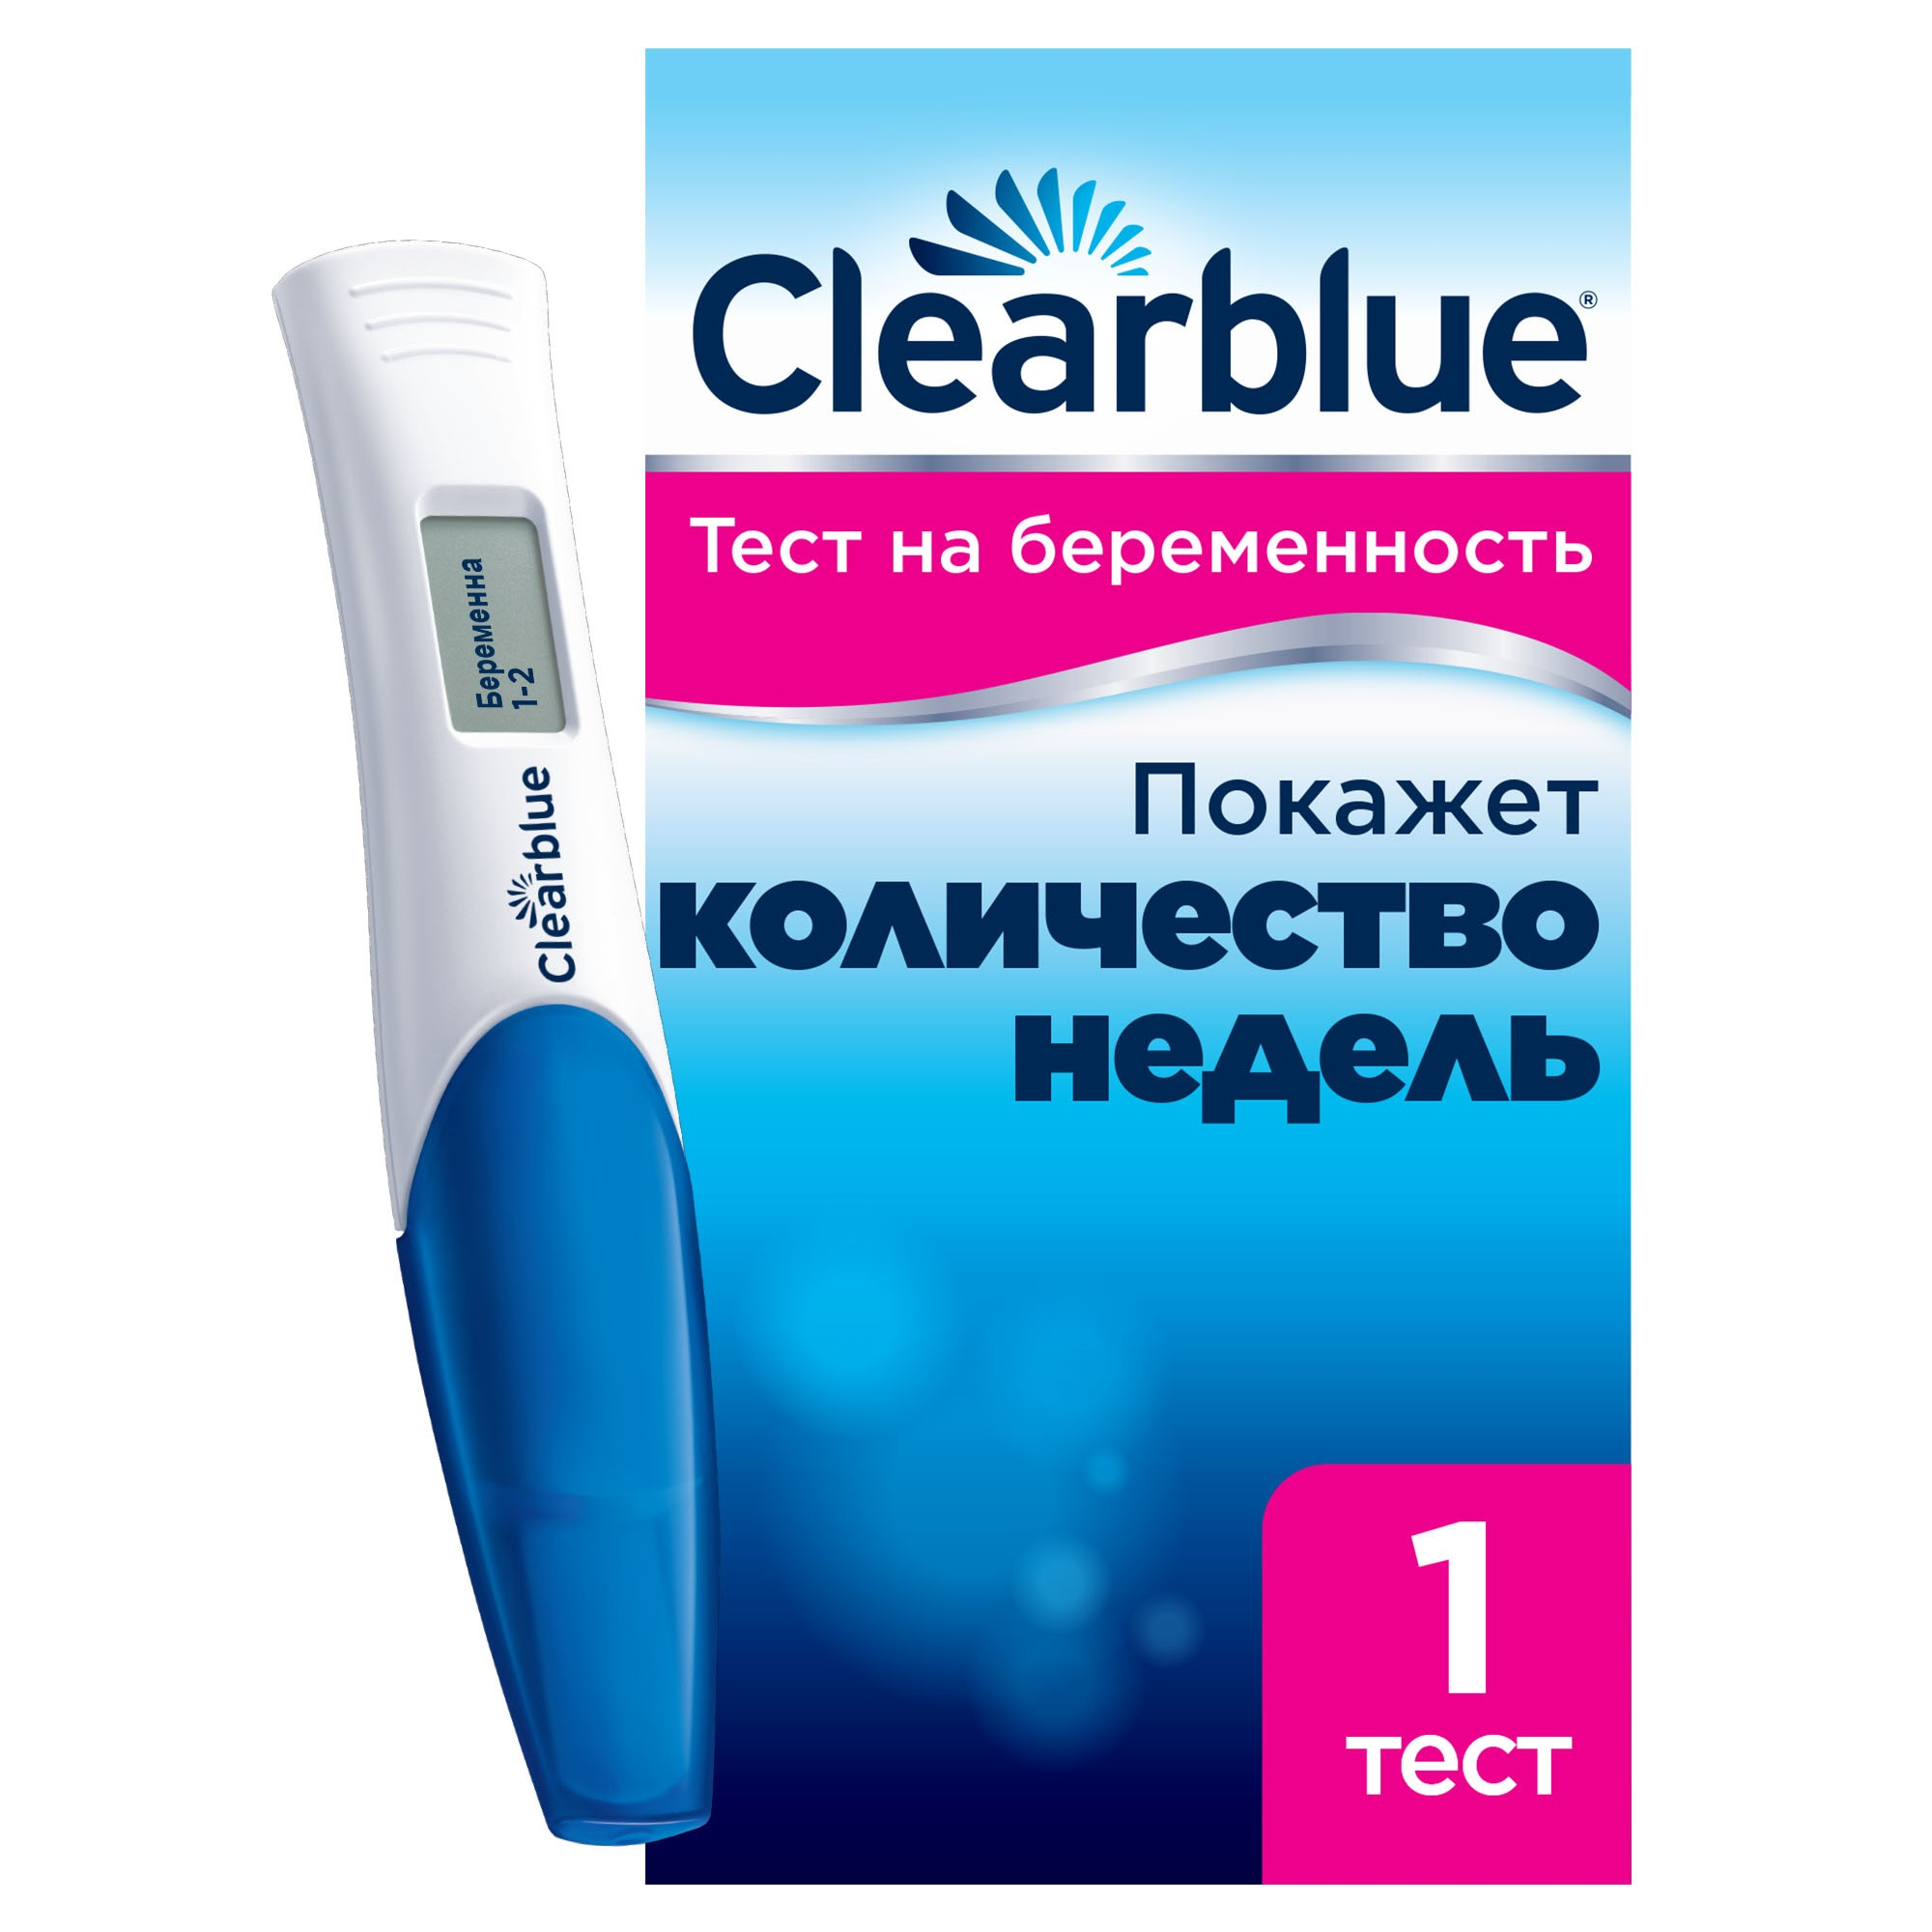 Устройство цифровое для определения срока беременности «Клиаблу» (Clearblue), 1 тест